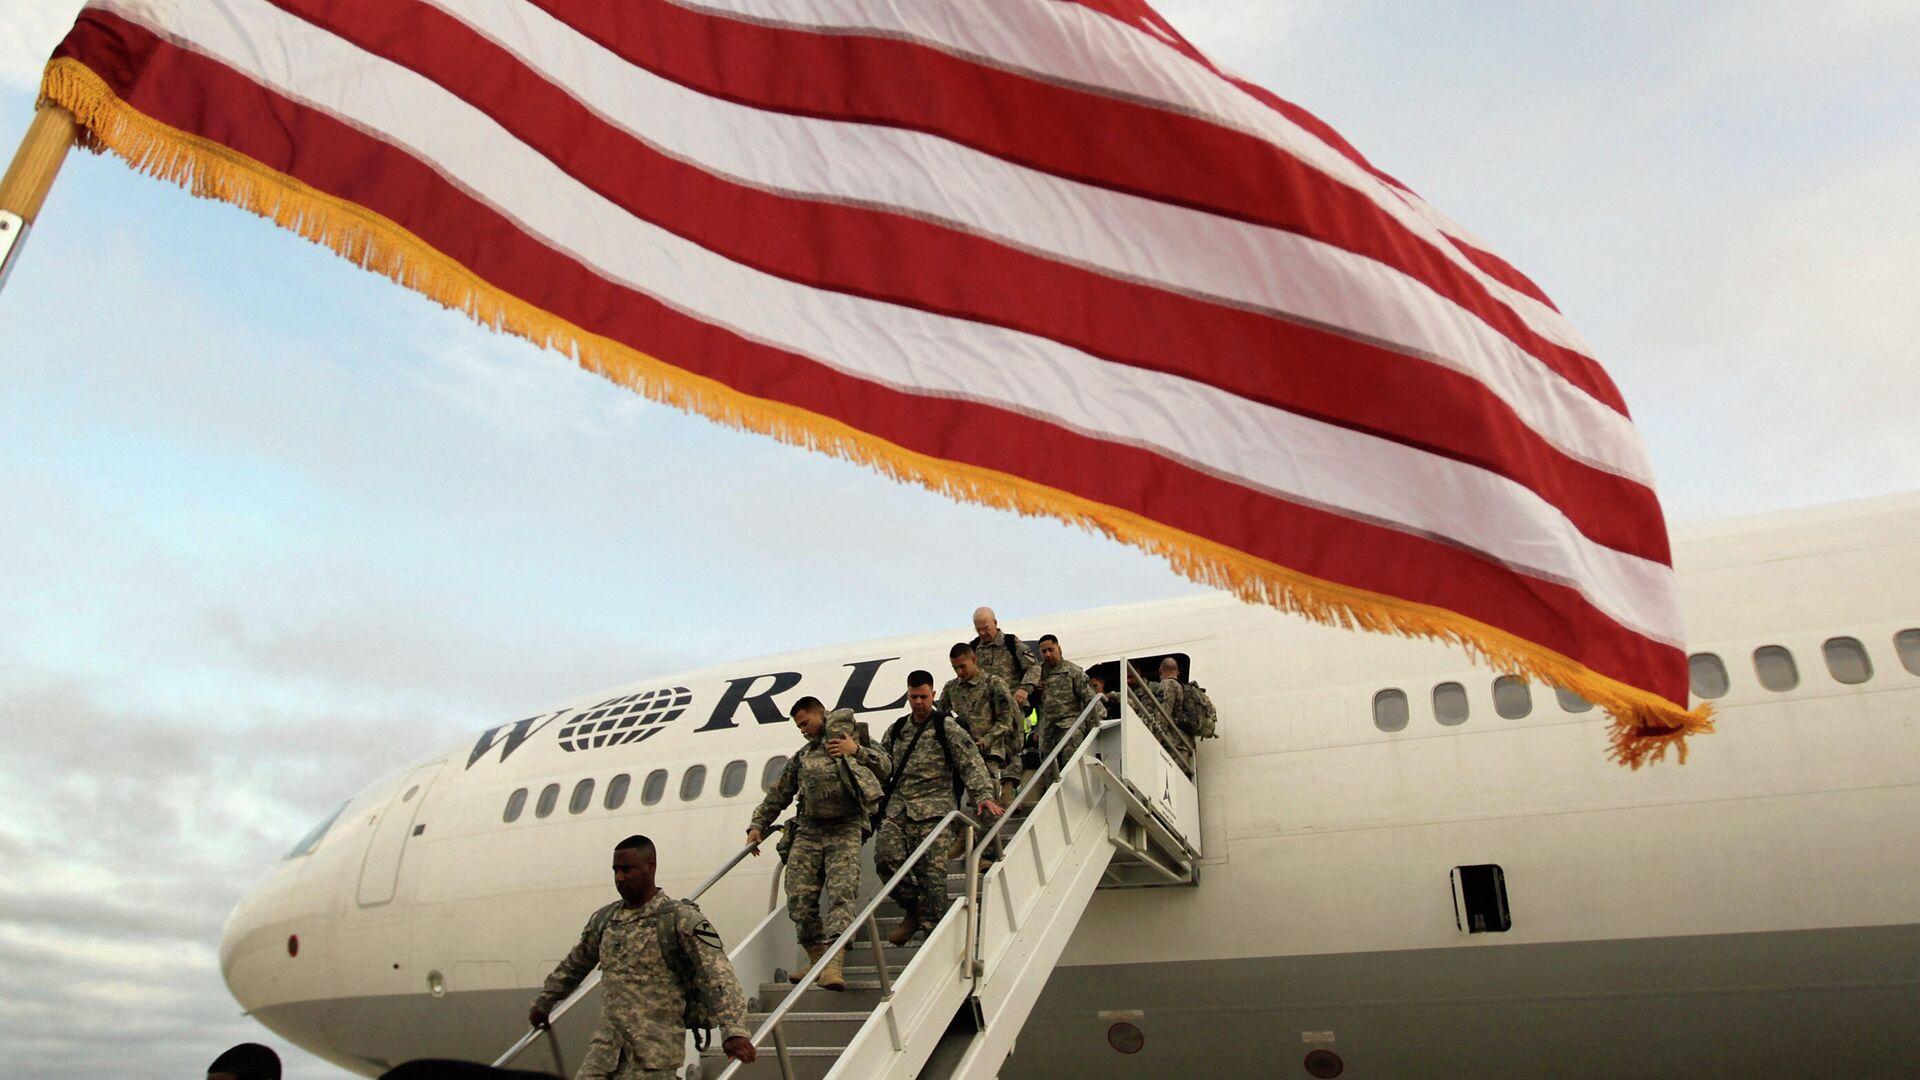 Αμερικανοί στρατιώτες επιστρέφουν από το Ιράκ - Sputnik Ελλάδα, 1920, 29.07.2021